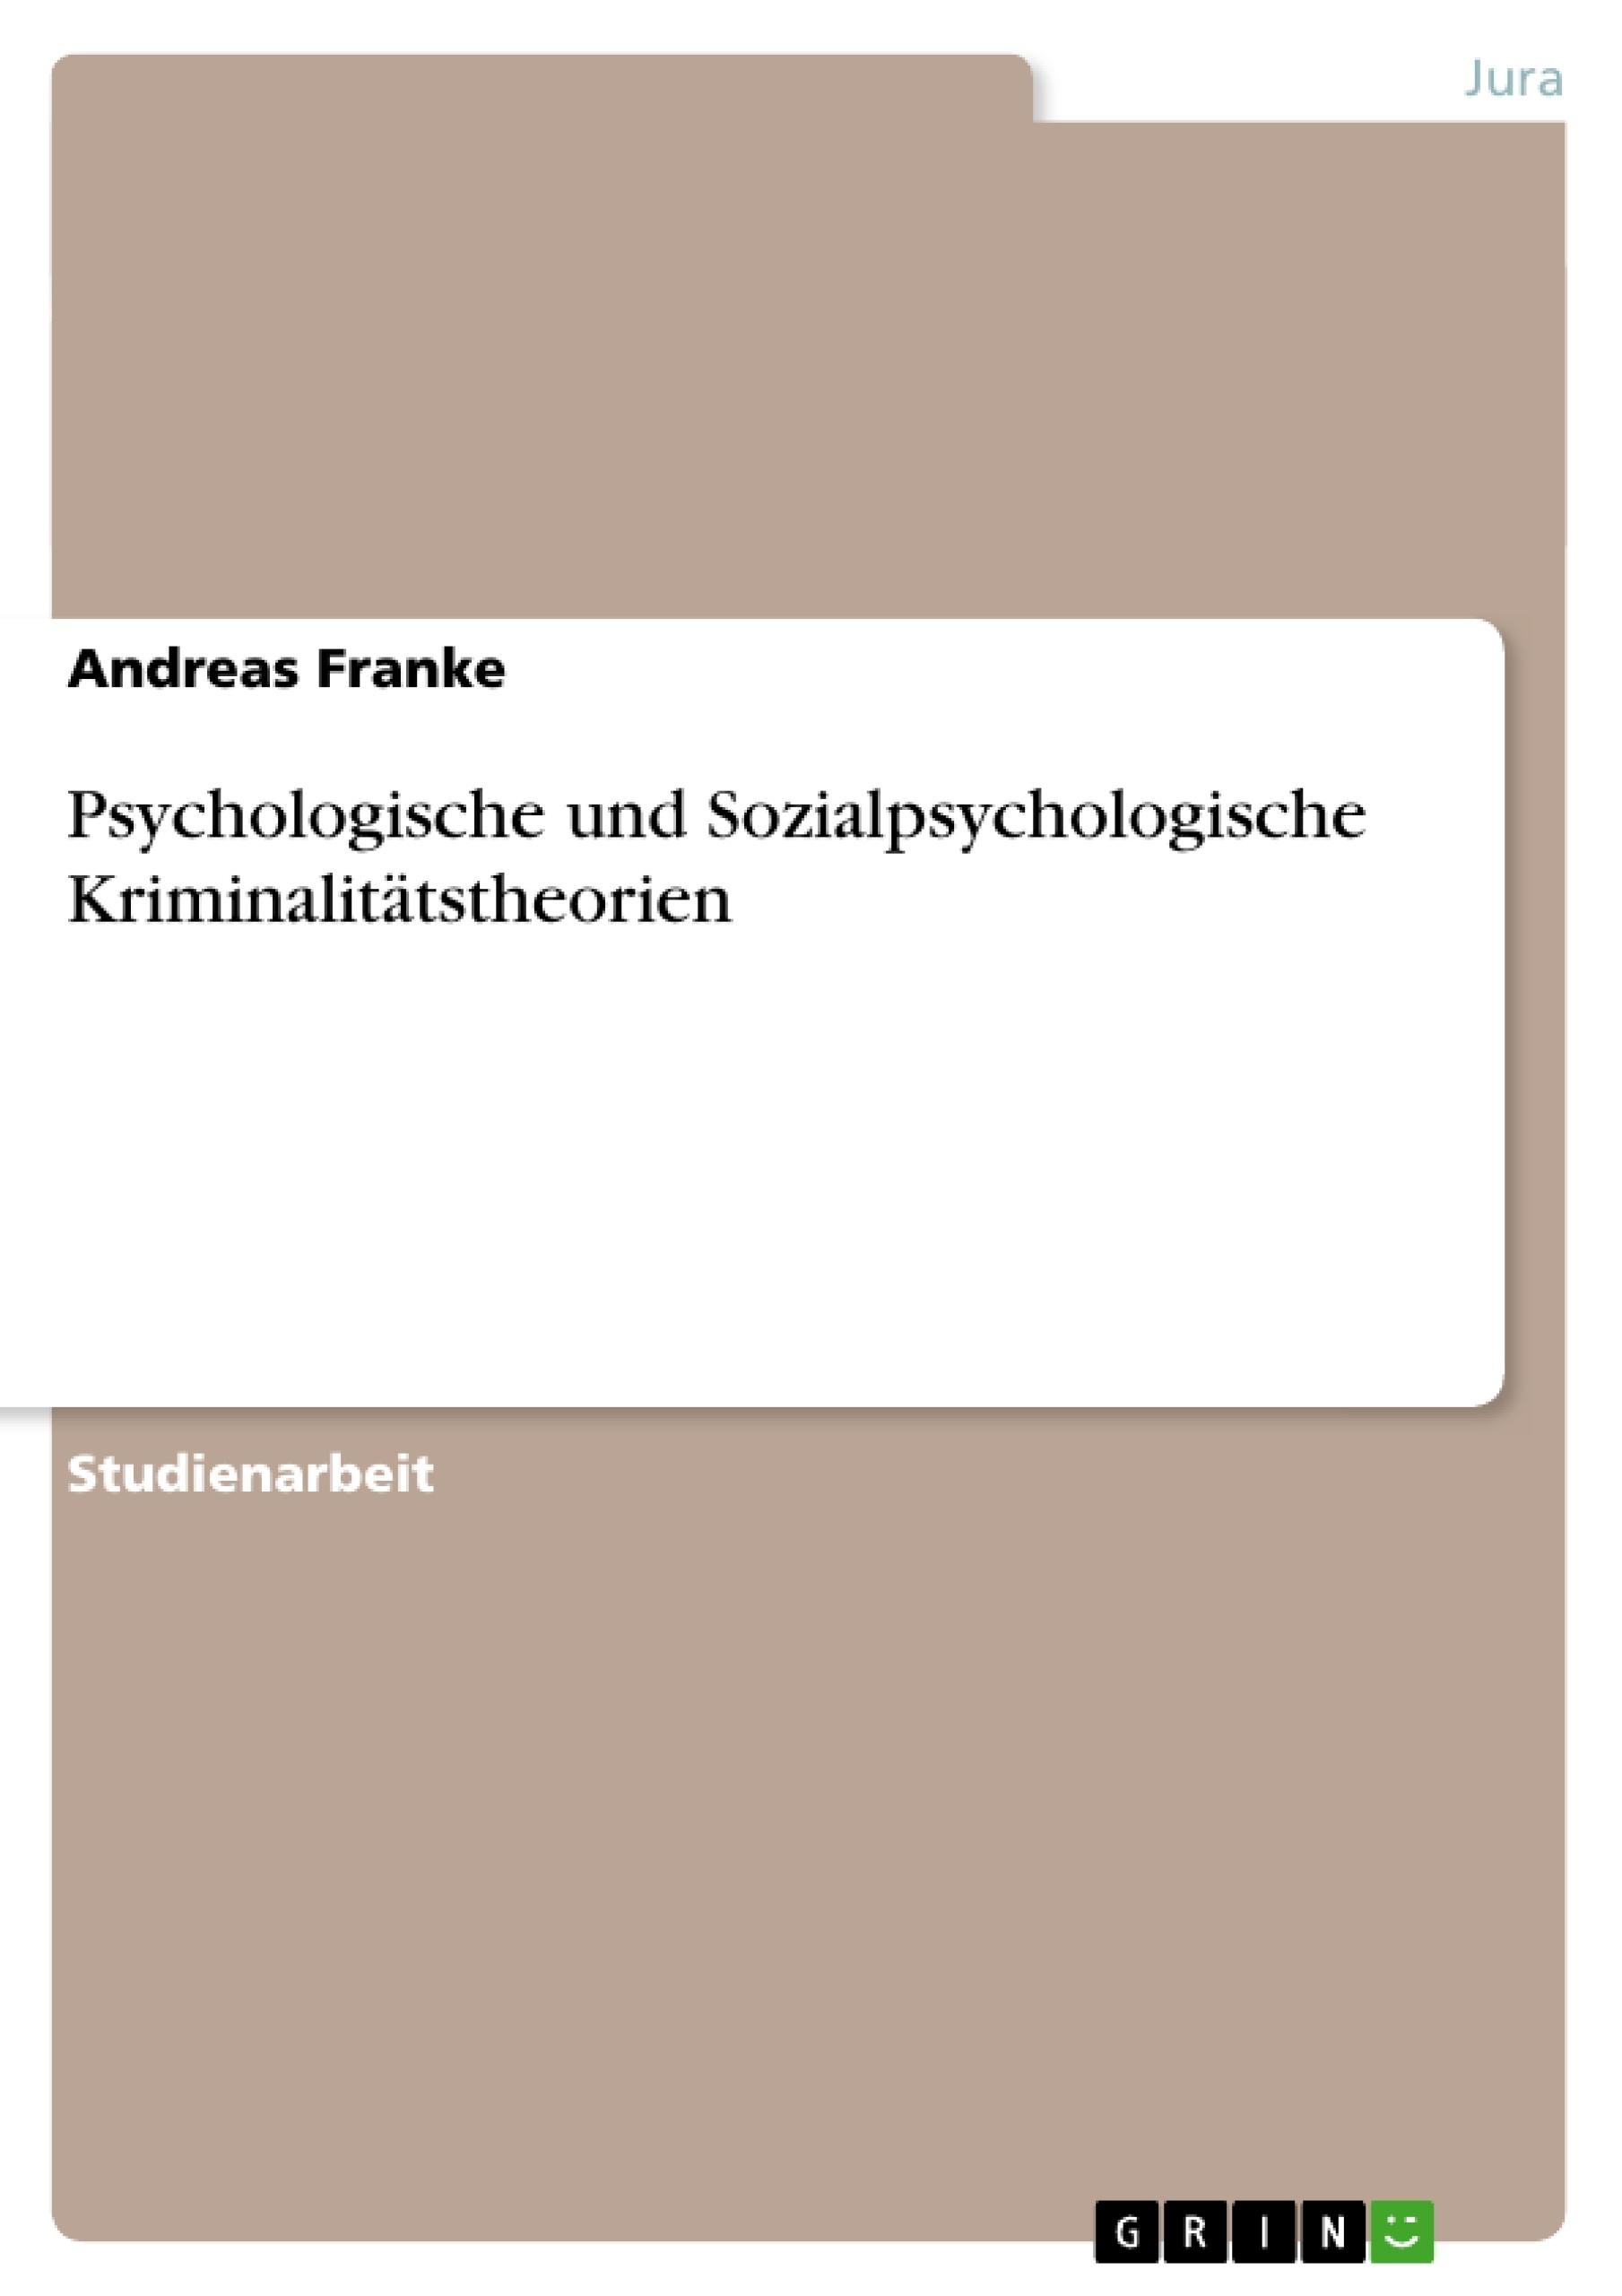 Titel: Psychologische und Sozialpsychologische Kriminalitätstheorien